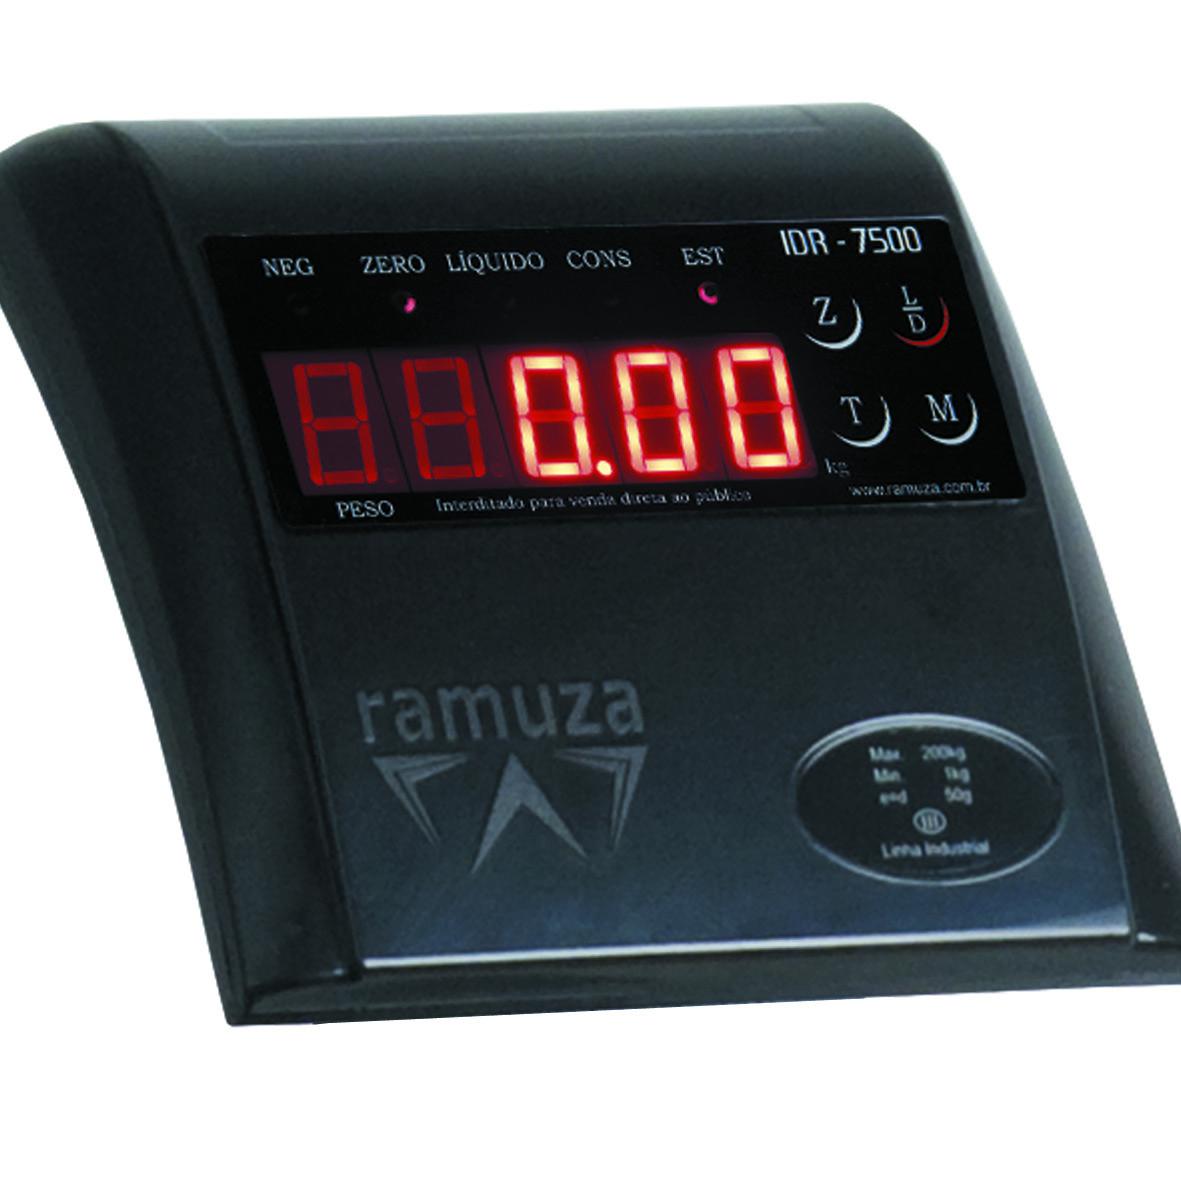 Balança Industrial Plataforma em Aço Carbono Ramuza DP - Capacidade: 300kg, Base: 50x50cm, IDR de ABS sem bateria